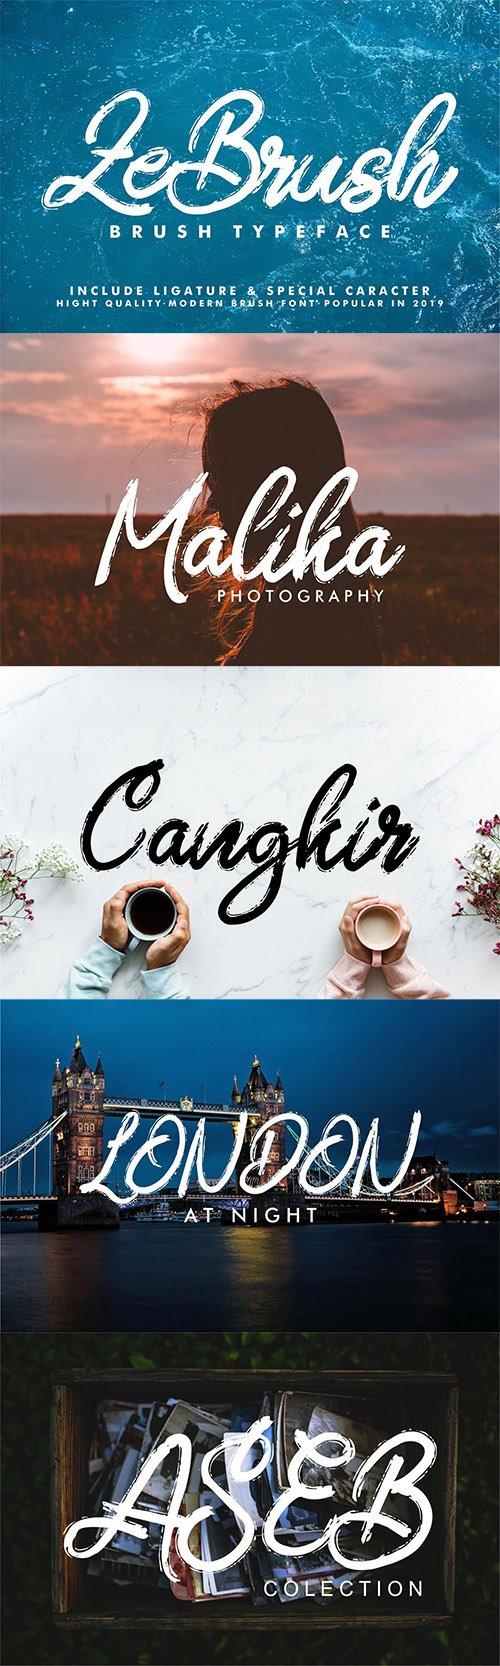 ZeBrush | Brush Script Font